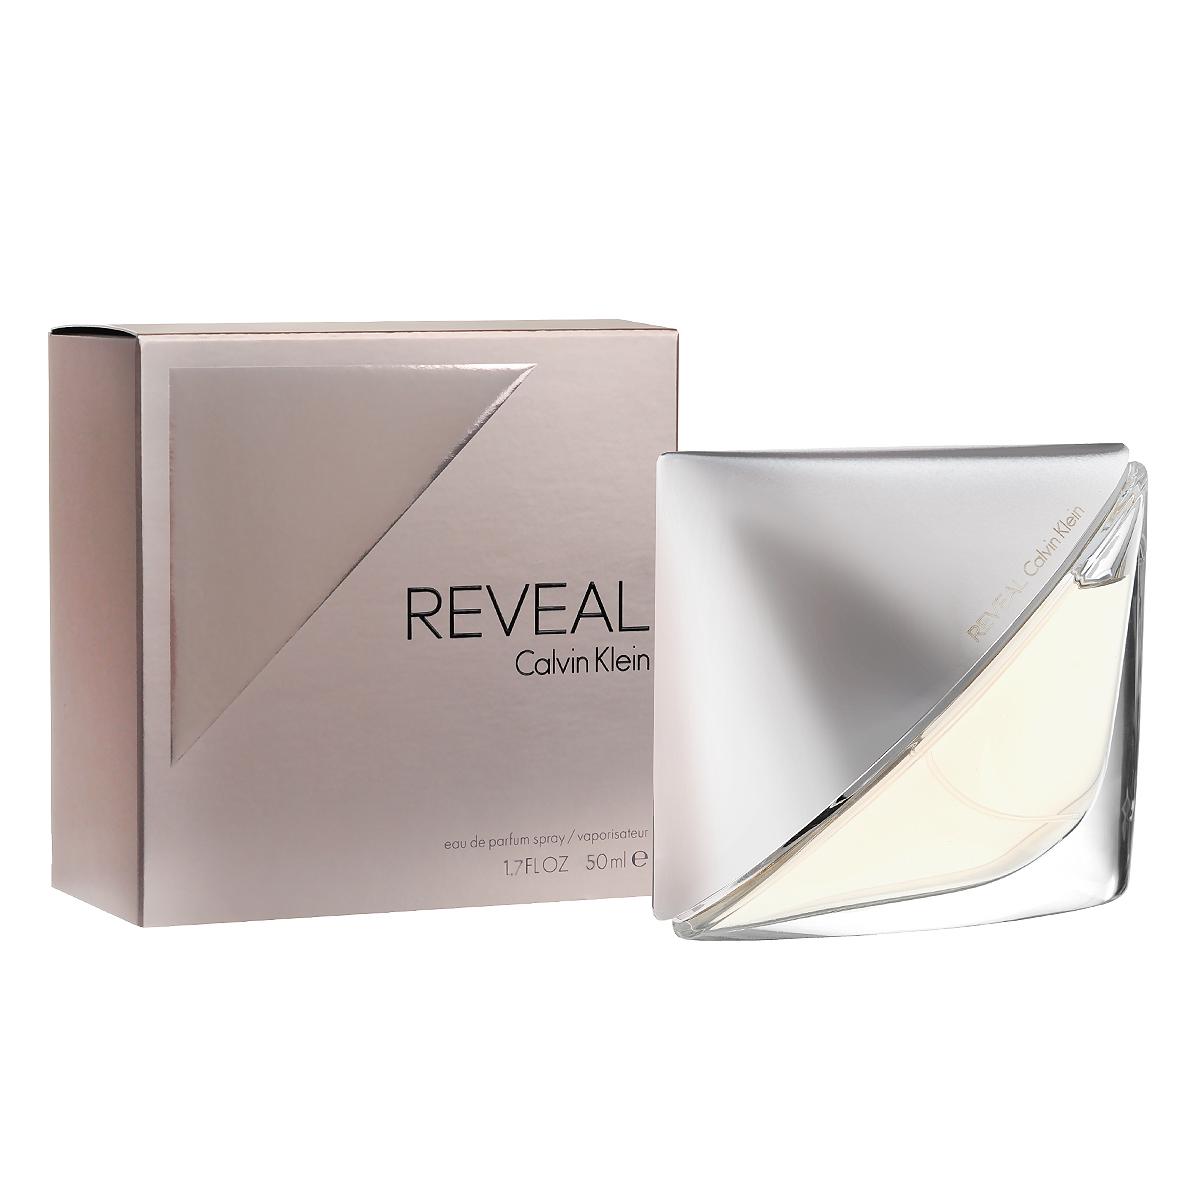 Calvin Klein Парфюмерная вода Reveal, женская, 50 мл